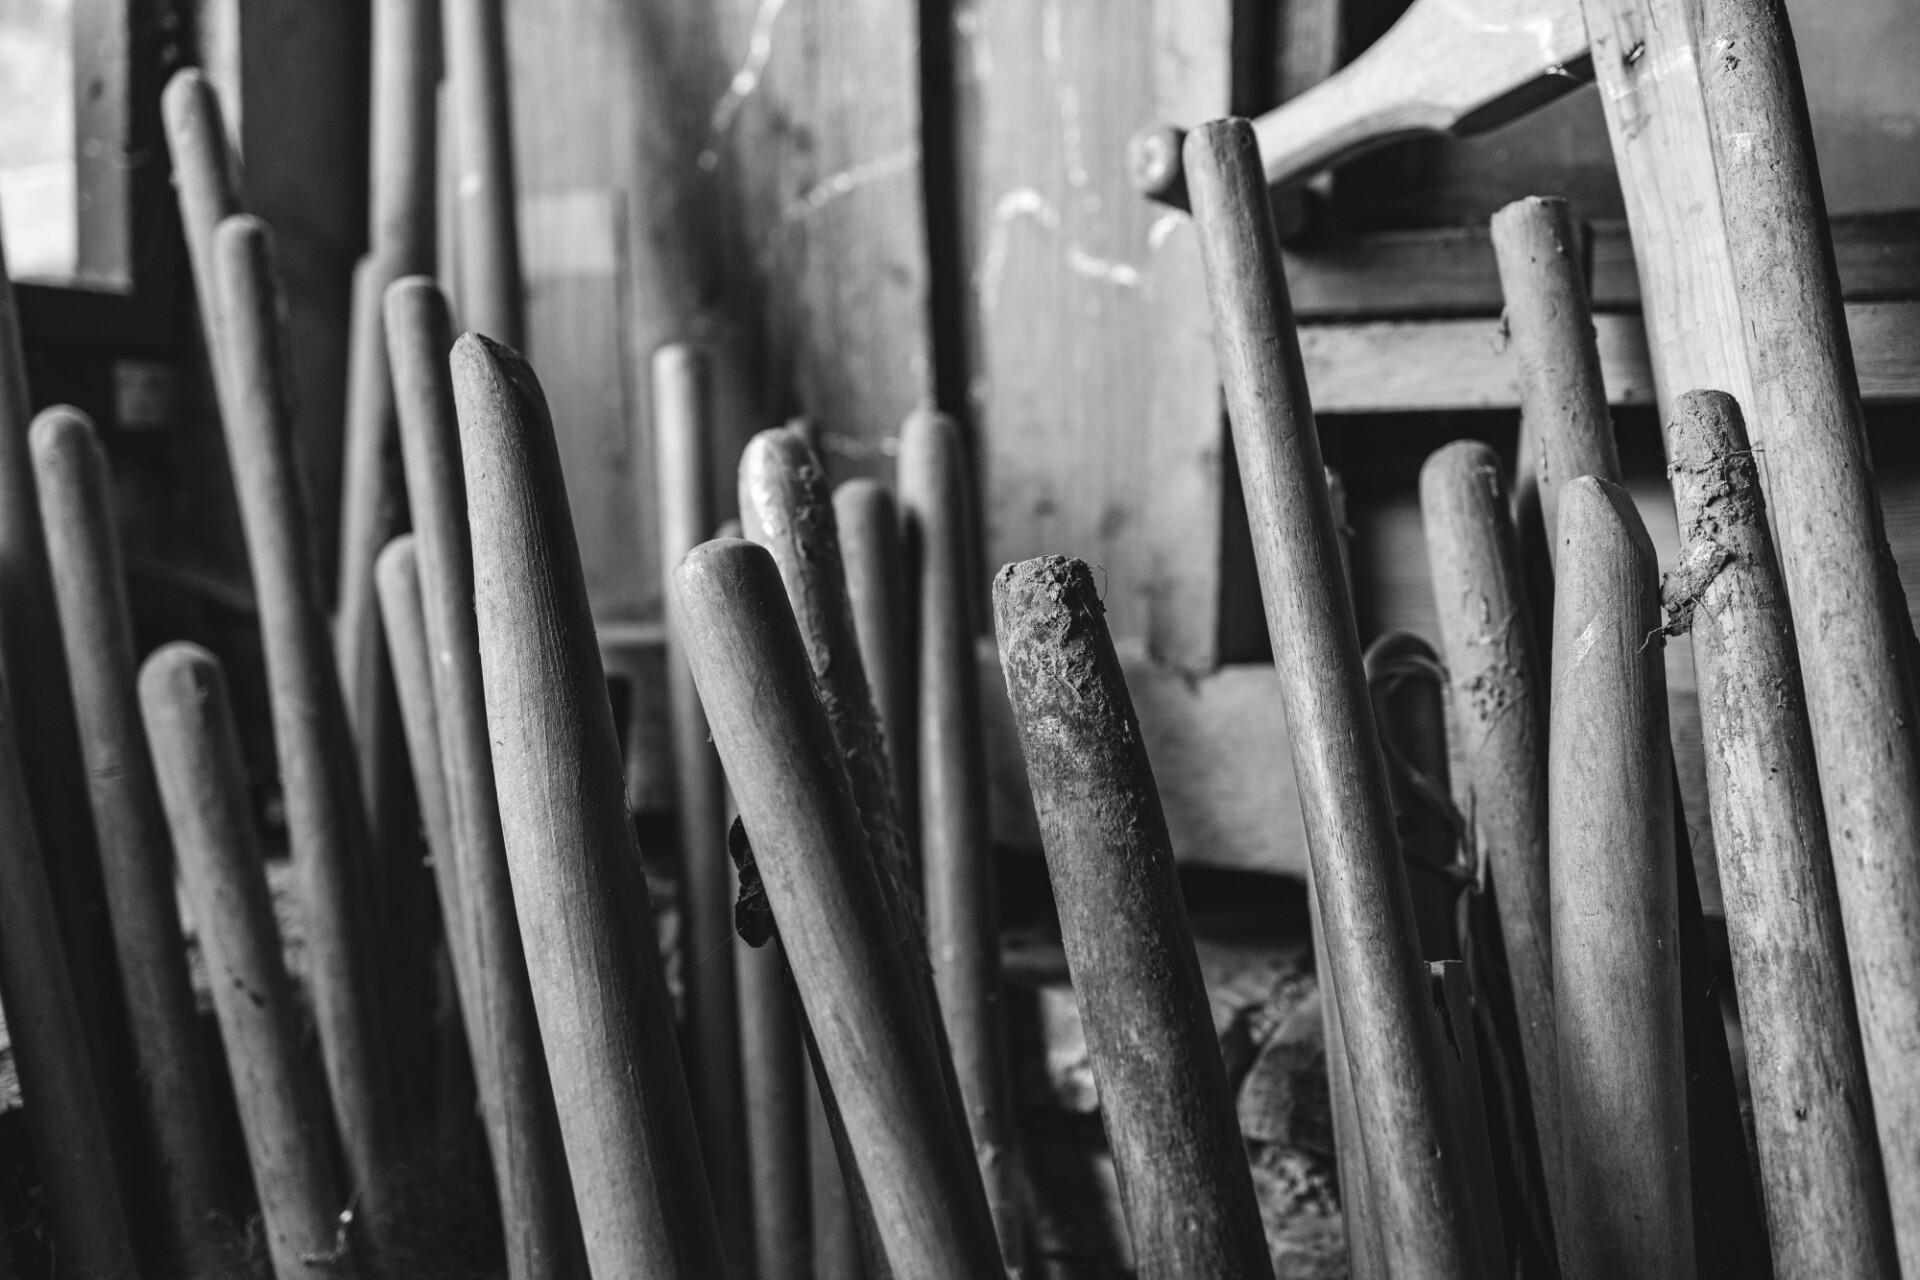 Old broomsticks